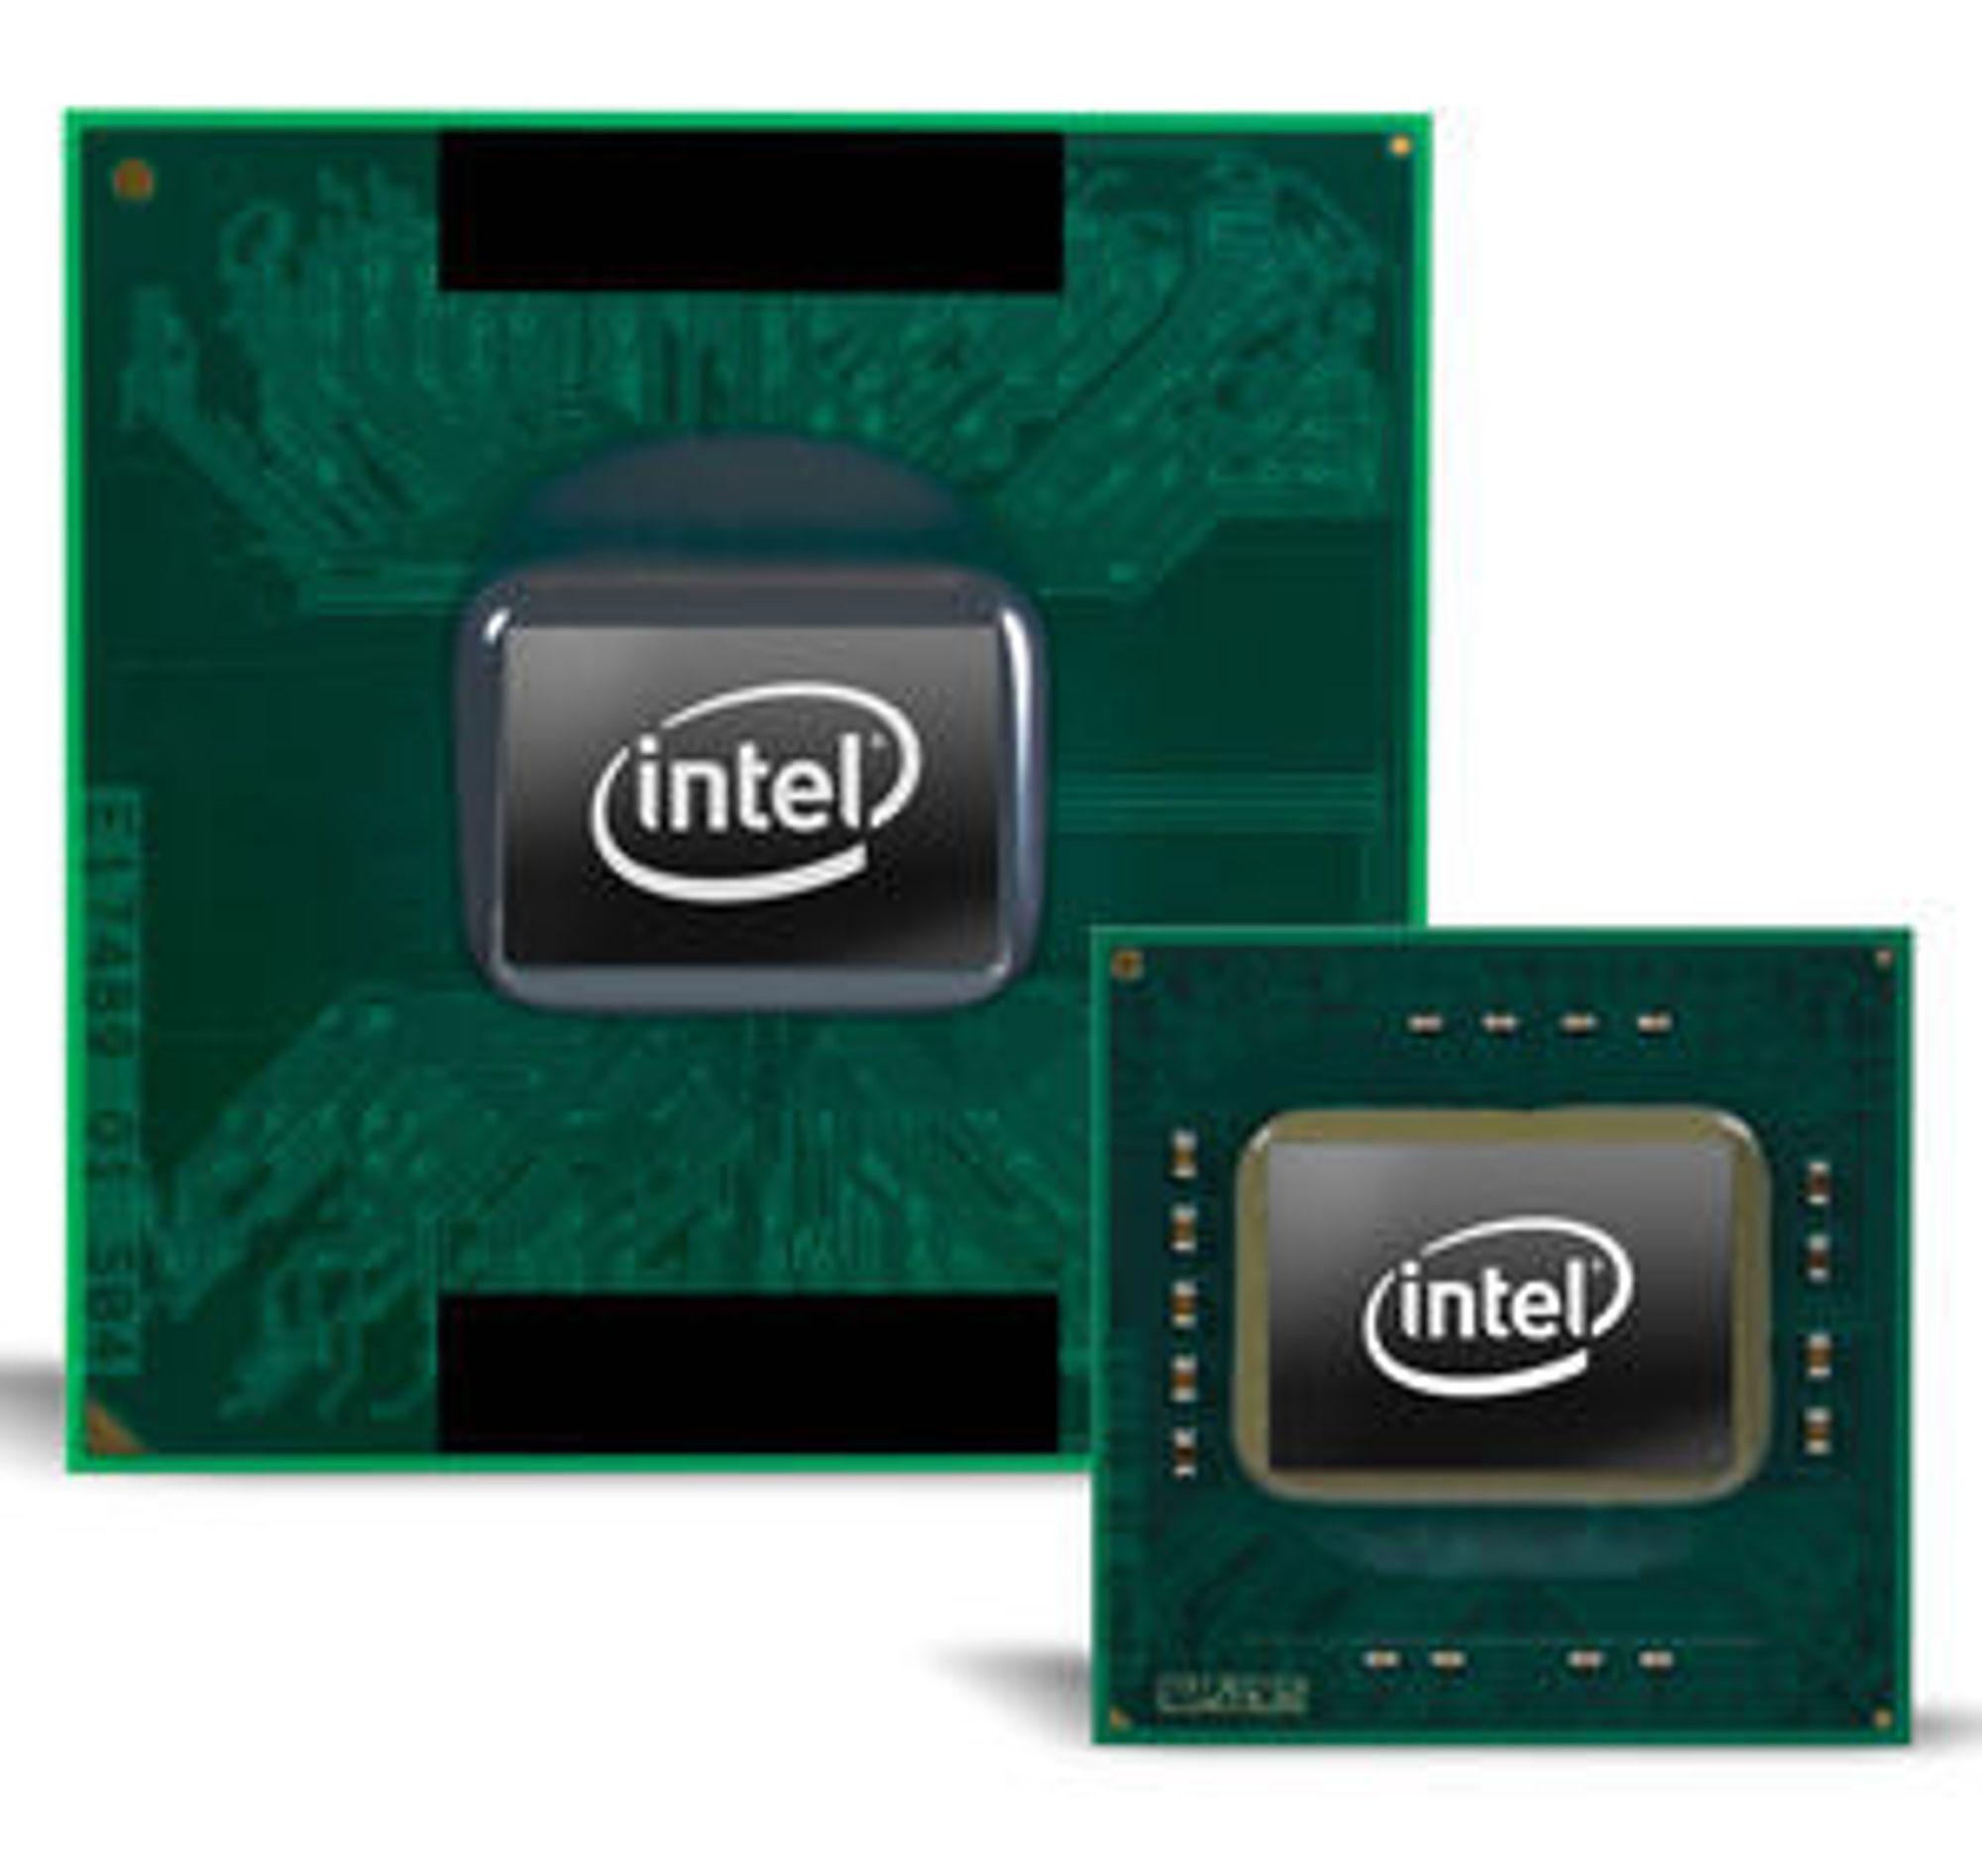 Intel Core 2 Duo prosessor i S-serien (foran) for bærbare PC-er med liten formfaktor, sammenlignet med en vanlig  Intel Core 2 Duo-prosessor (bak).